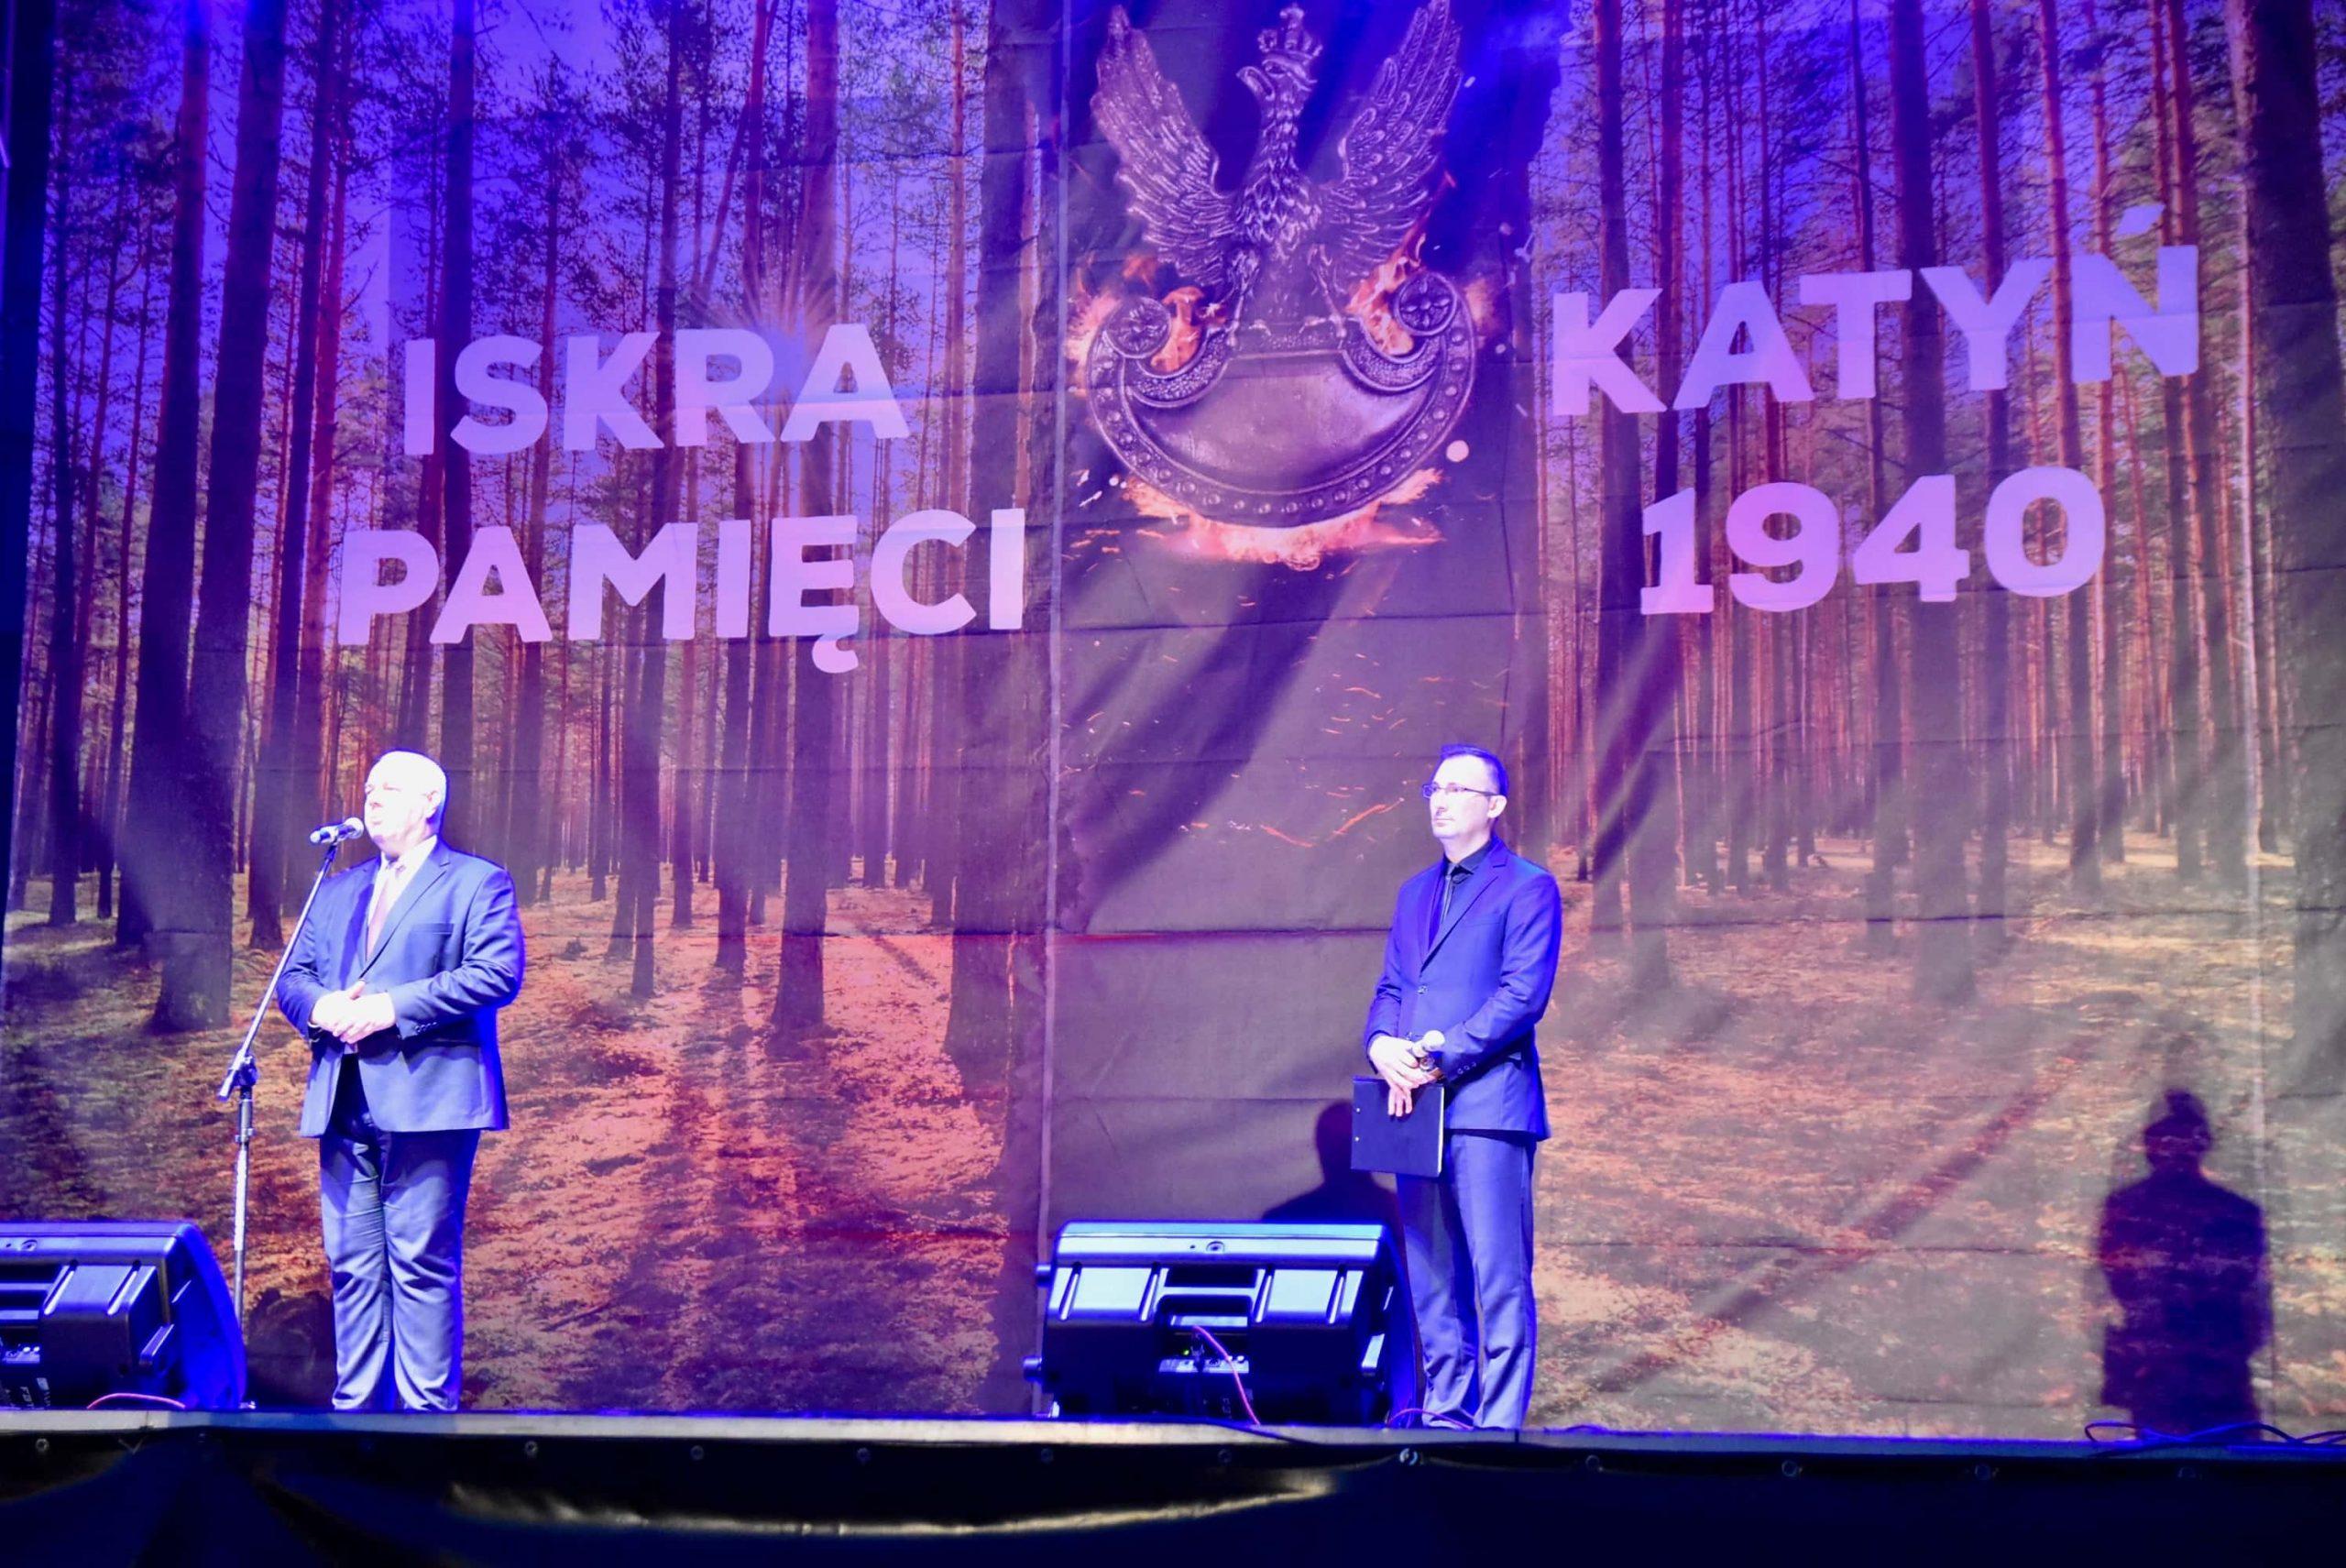 dsc 7592 scaled Tyle zniczy ilu zamordowanych w Katyniu (dużo zdjęć)